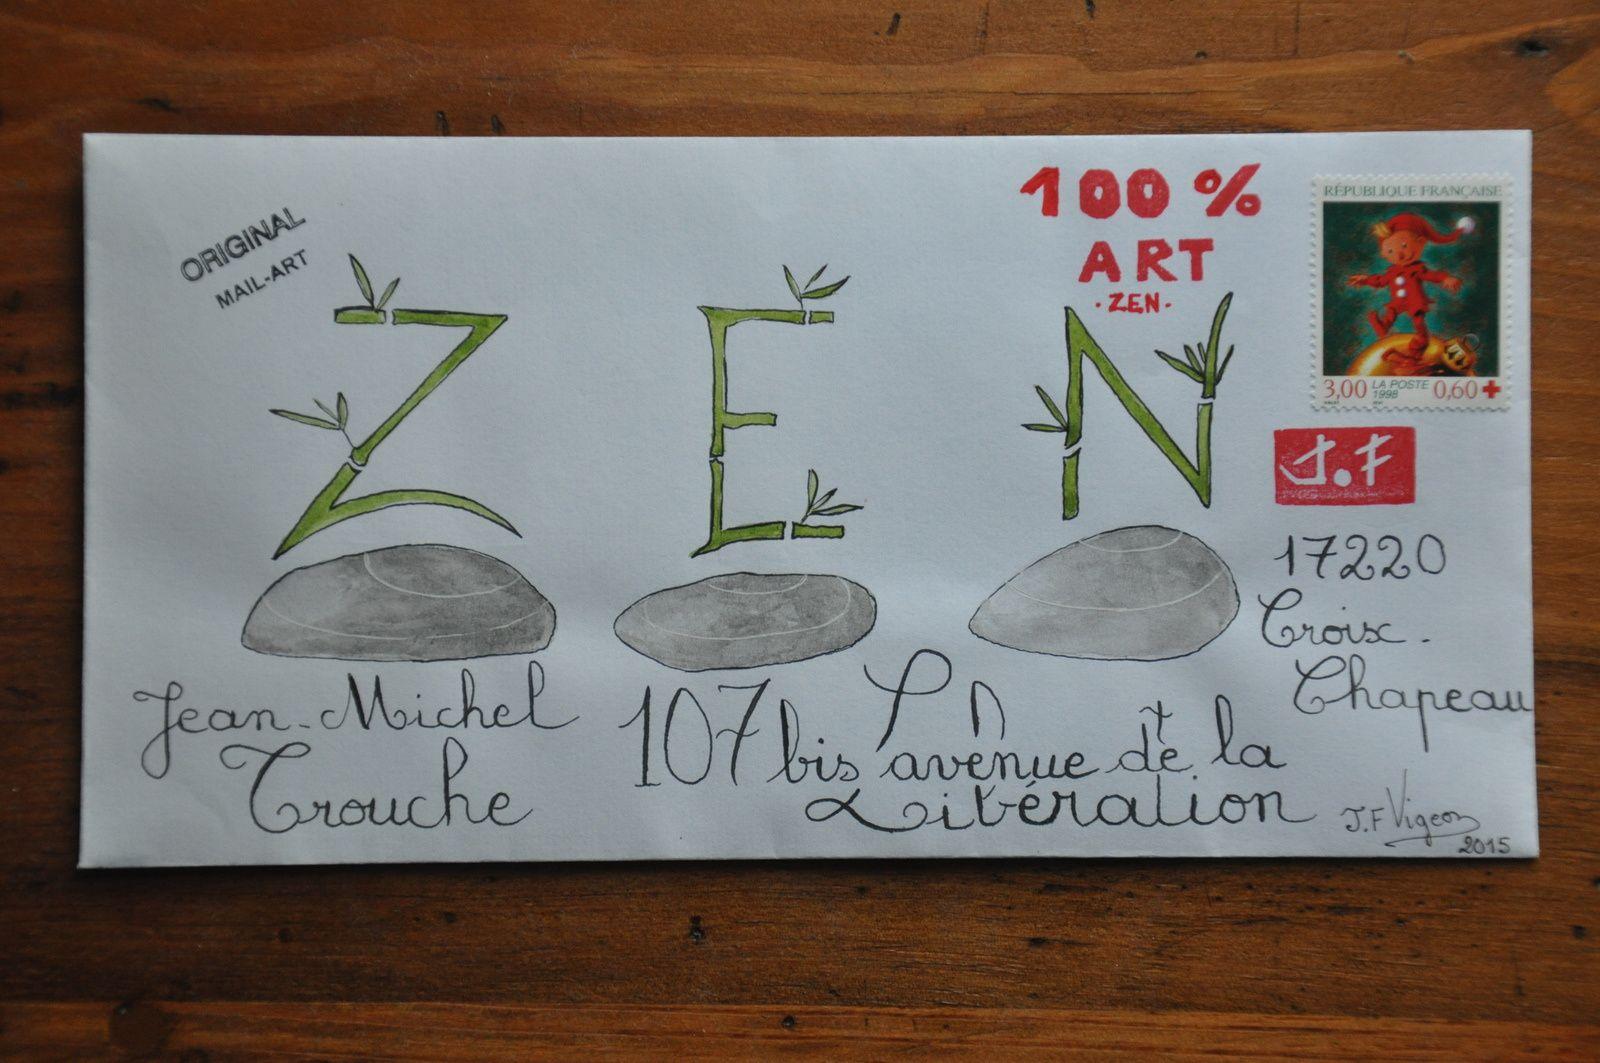 Pour Jean-Michel Trouche, toujours dans l'esprit ZEN!